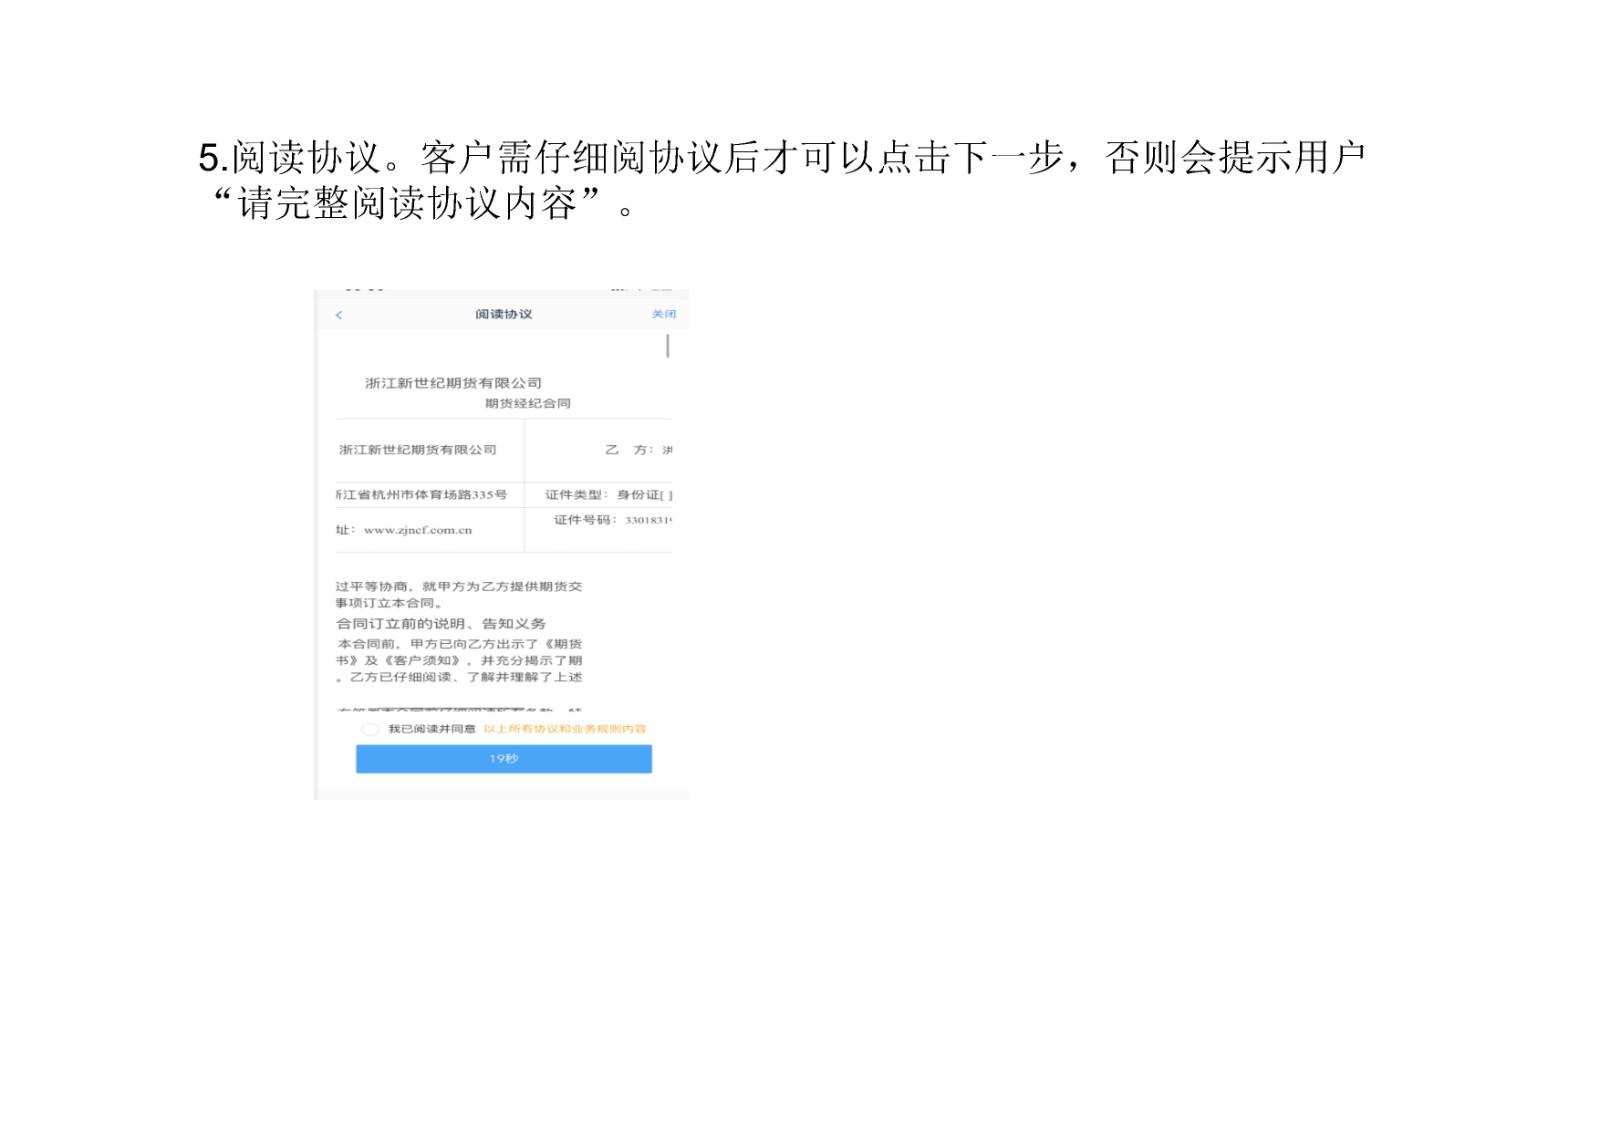 适当性评估流程_Page8.jpg